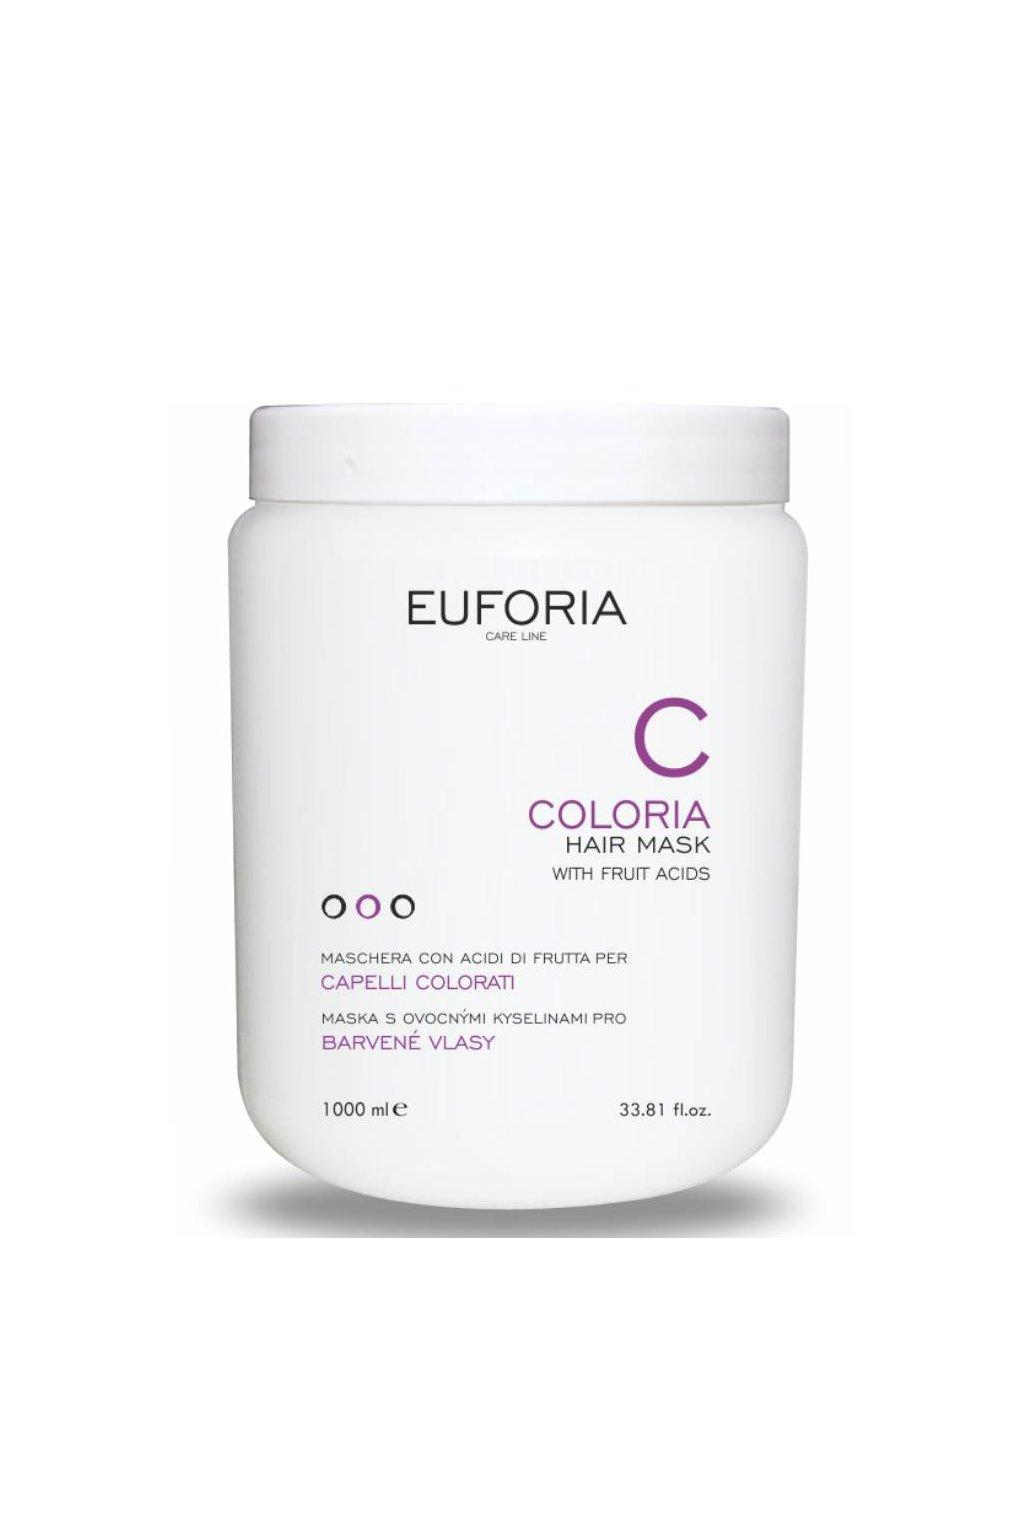 Euforia COLORIA Maska pro barvené vlasy ochranná s ovocnými kyselinami 1000ml